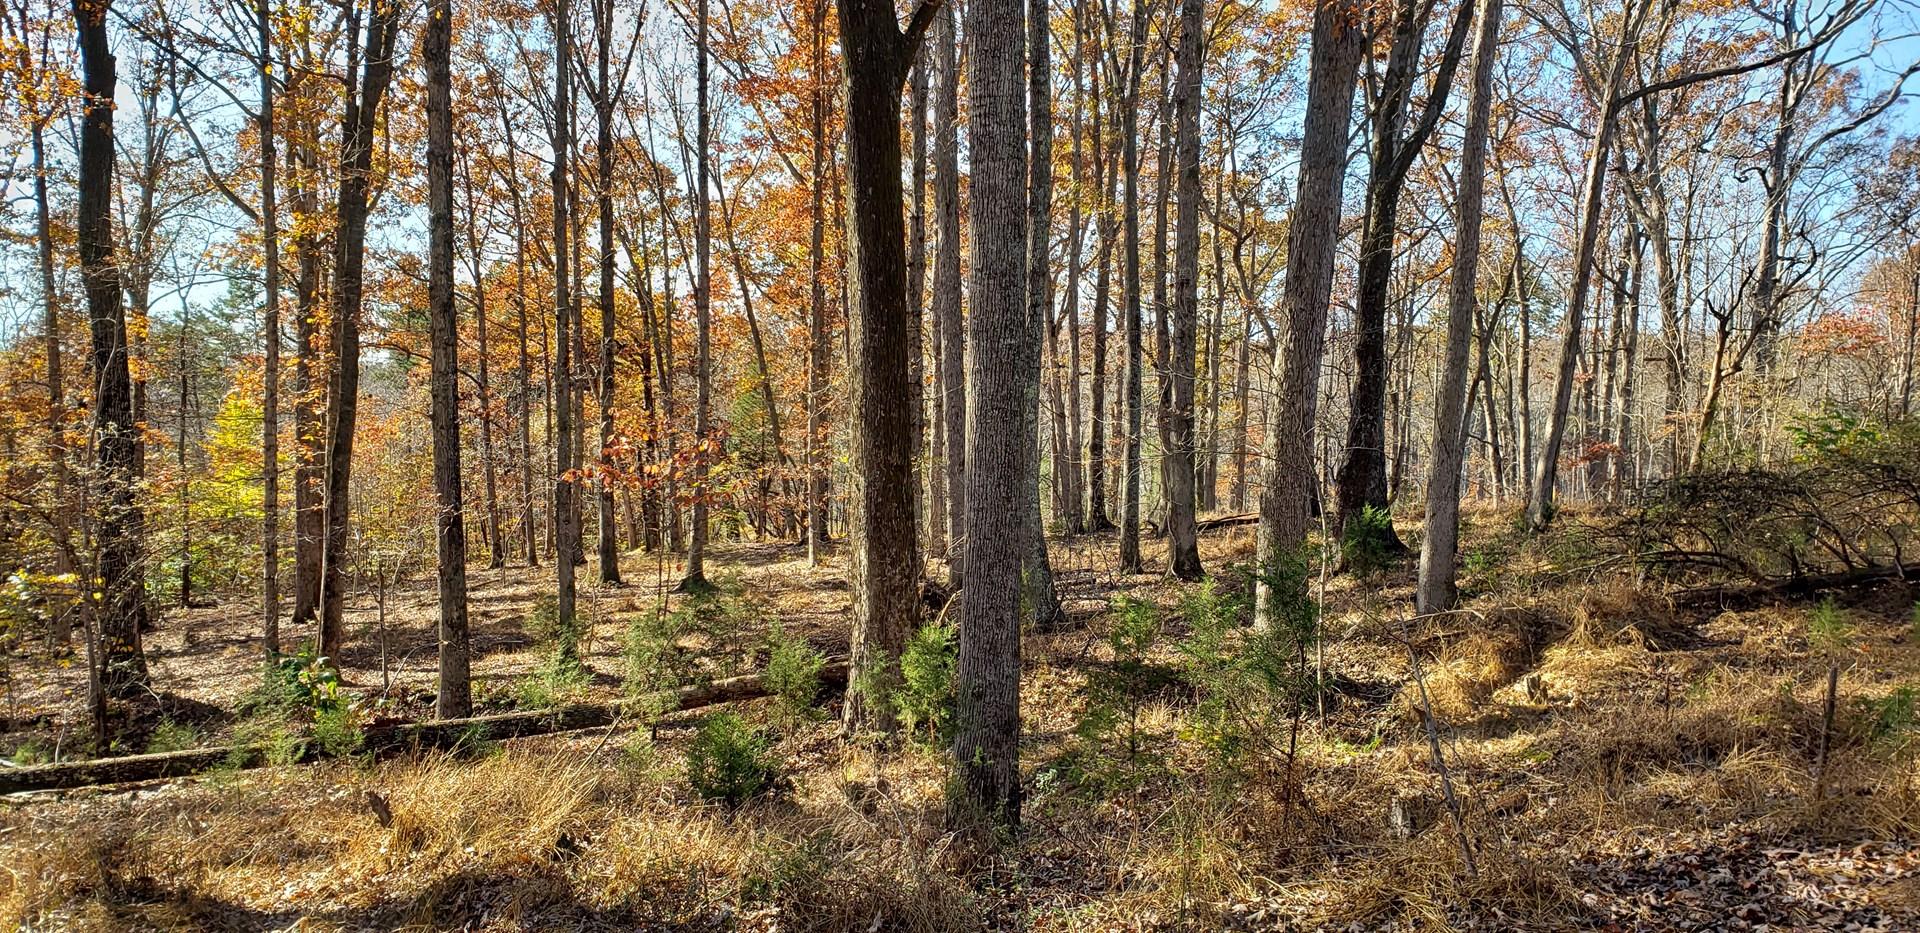 28 Acres in Pittsylvania County, VA